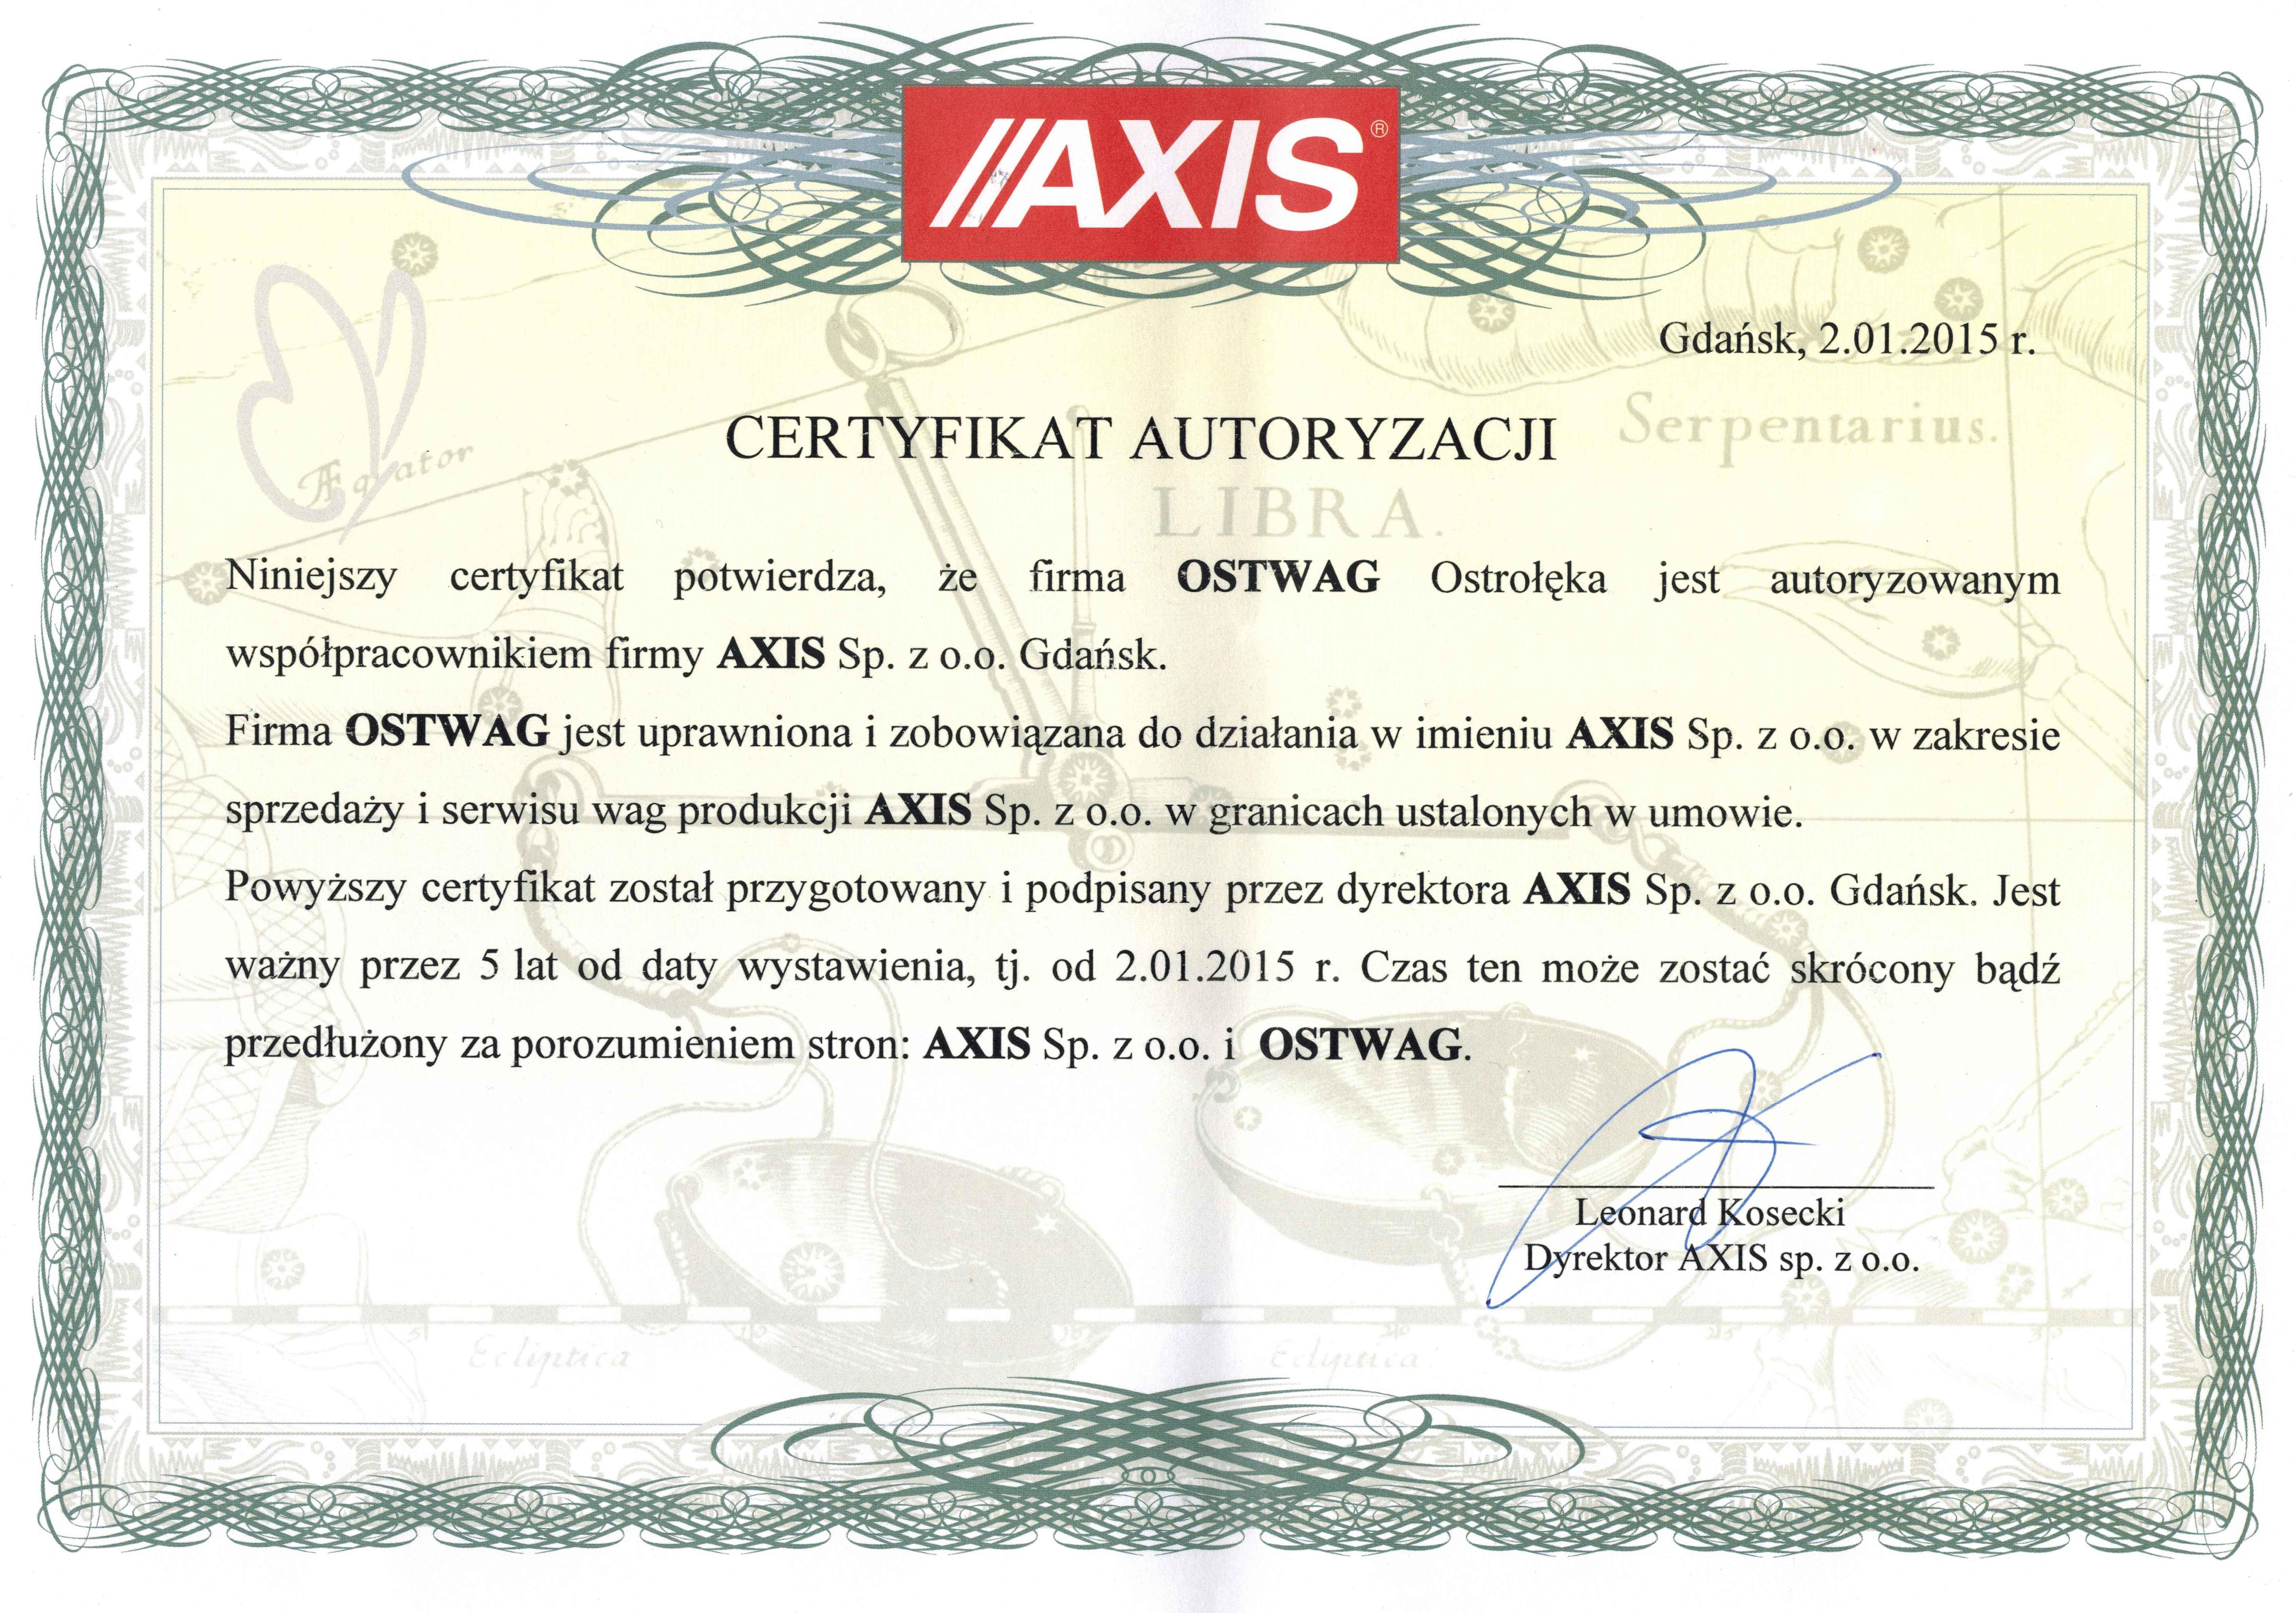 Sewis wag elektronicznych AXIS